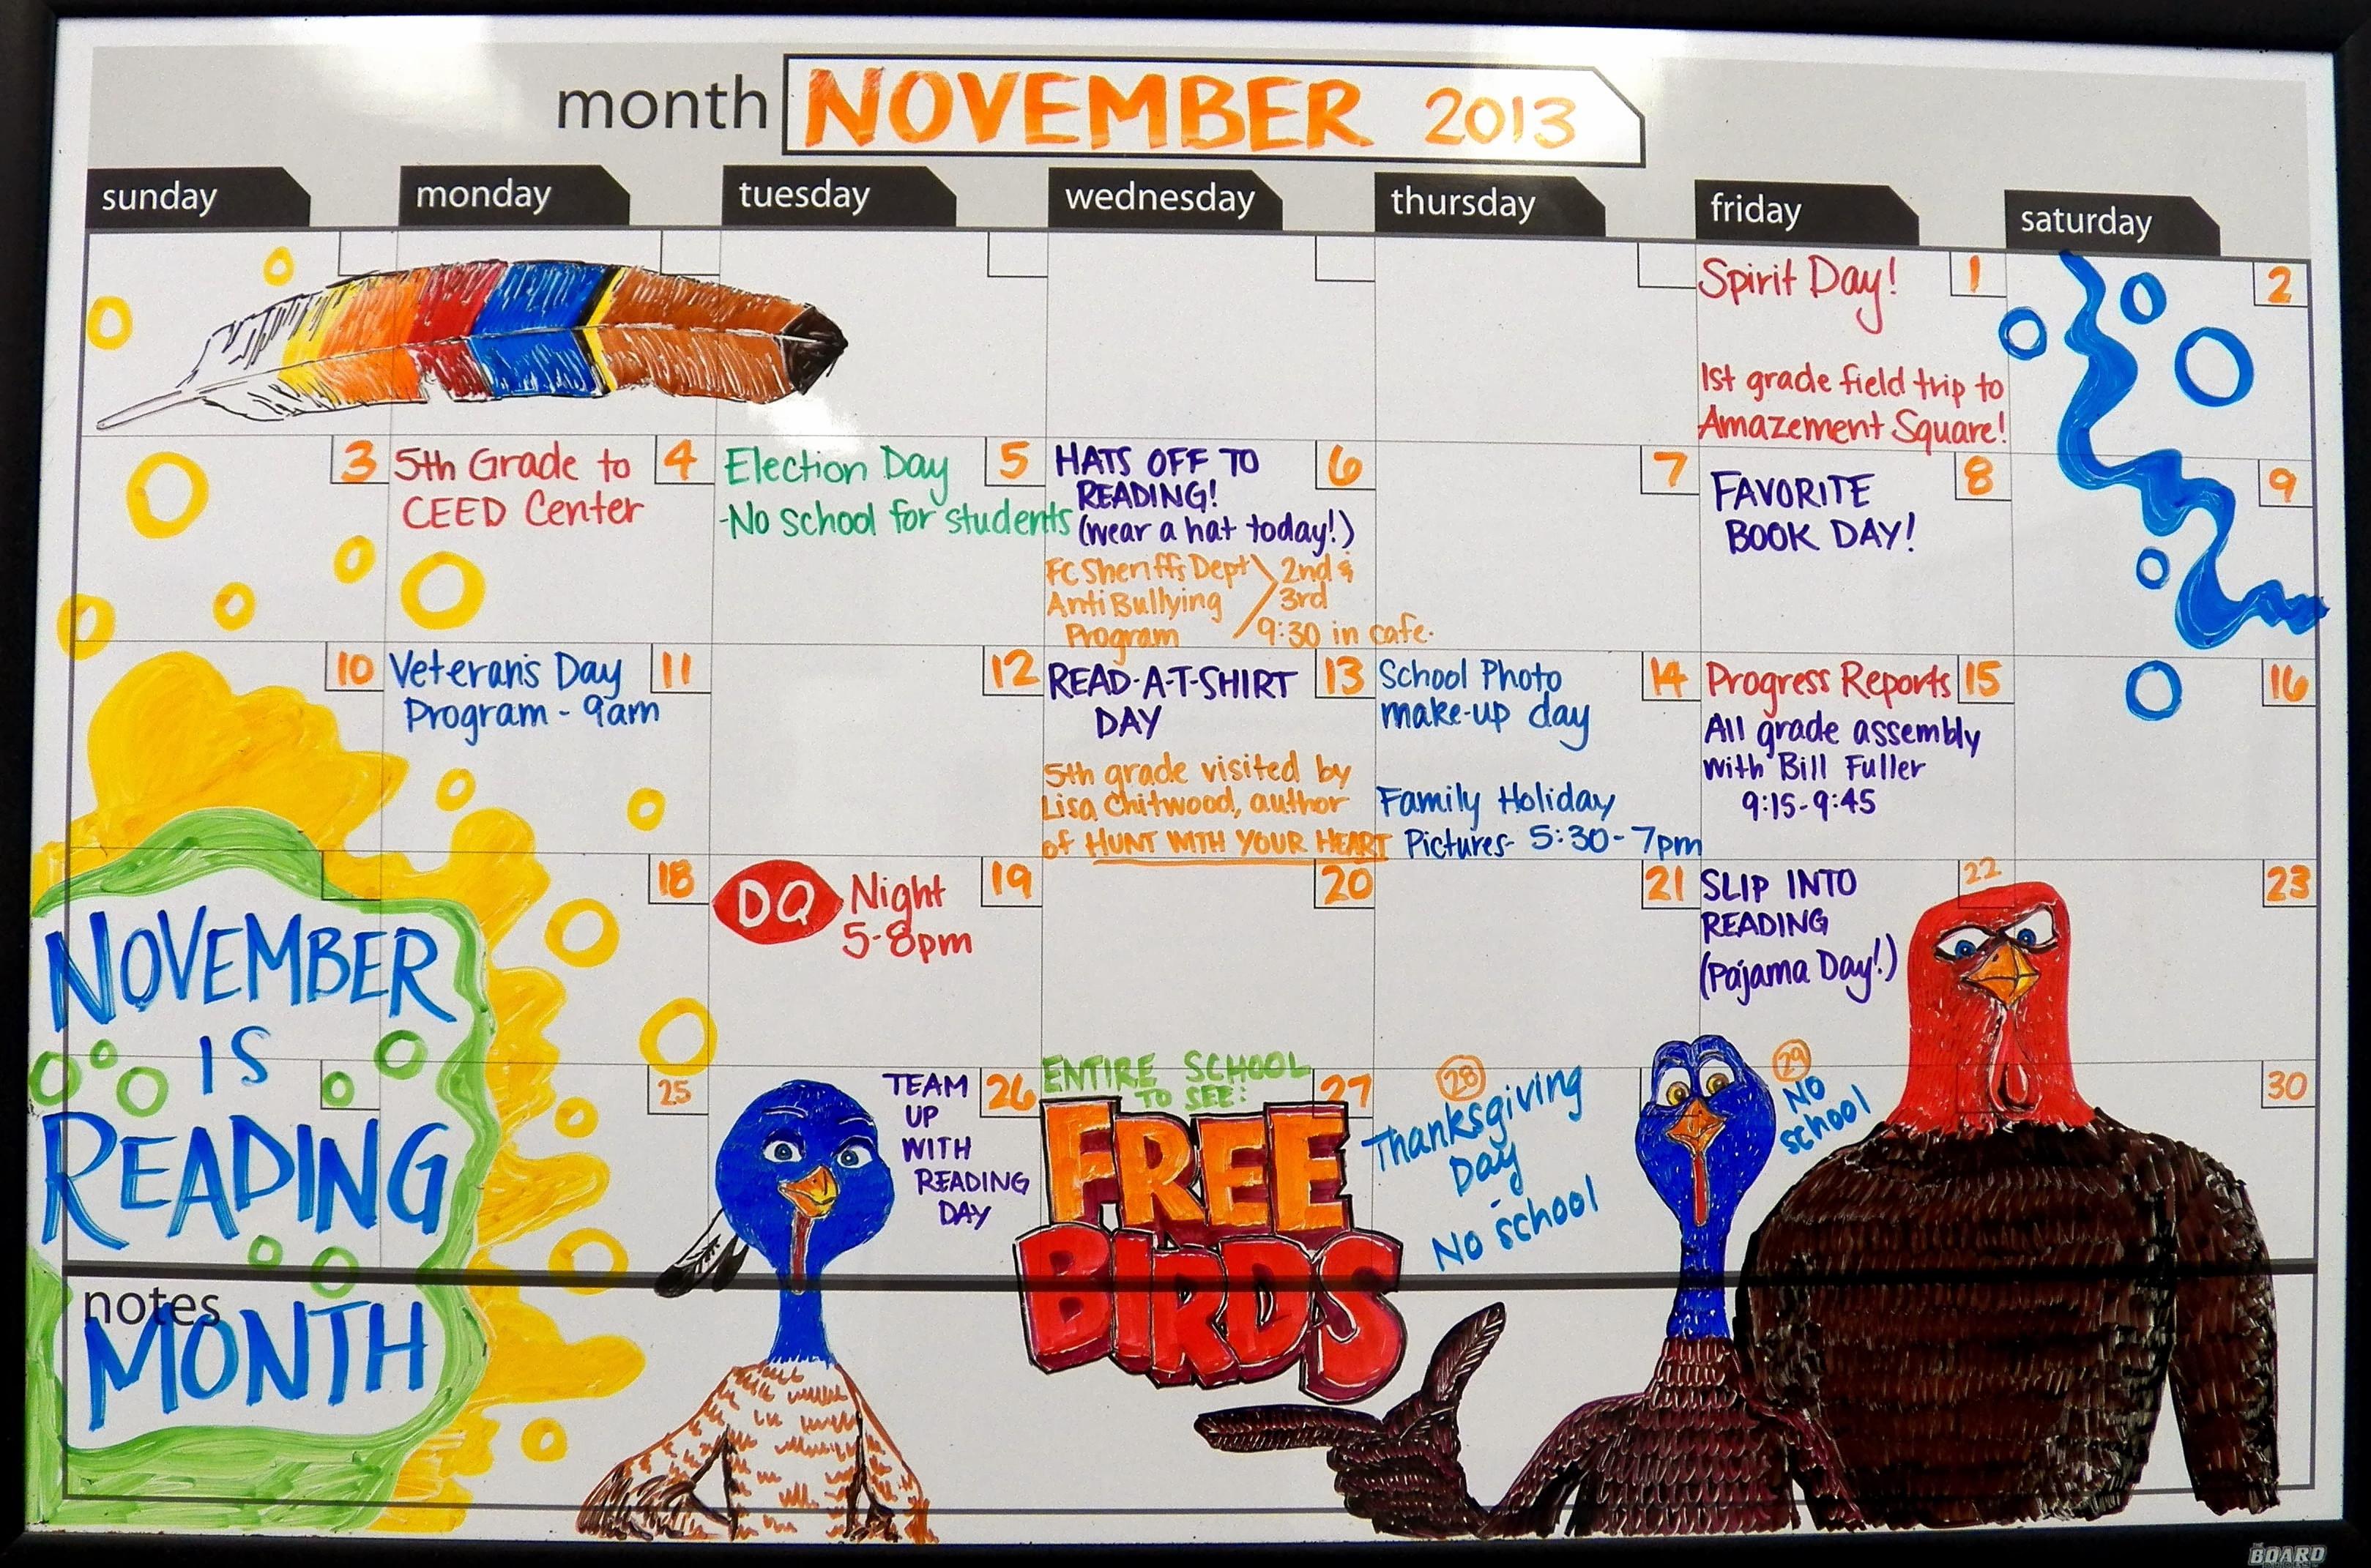 2013 - 11 November